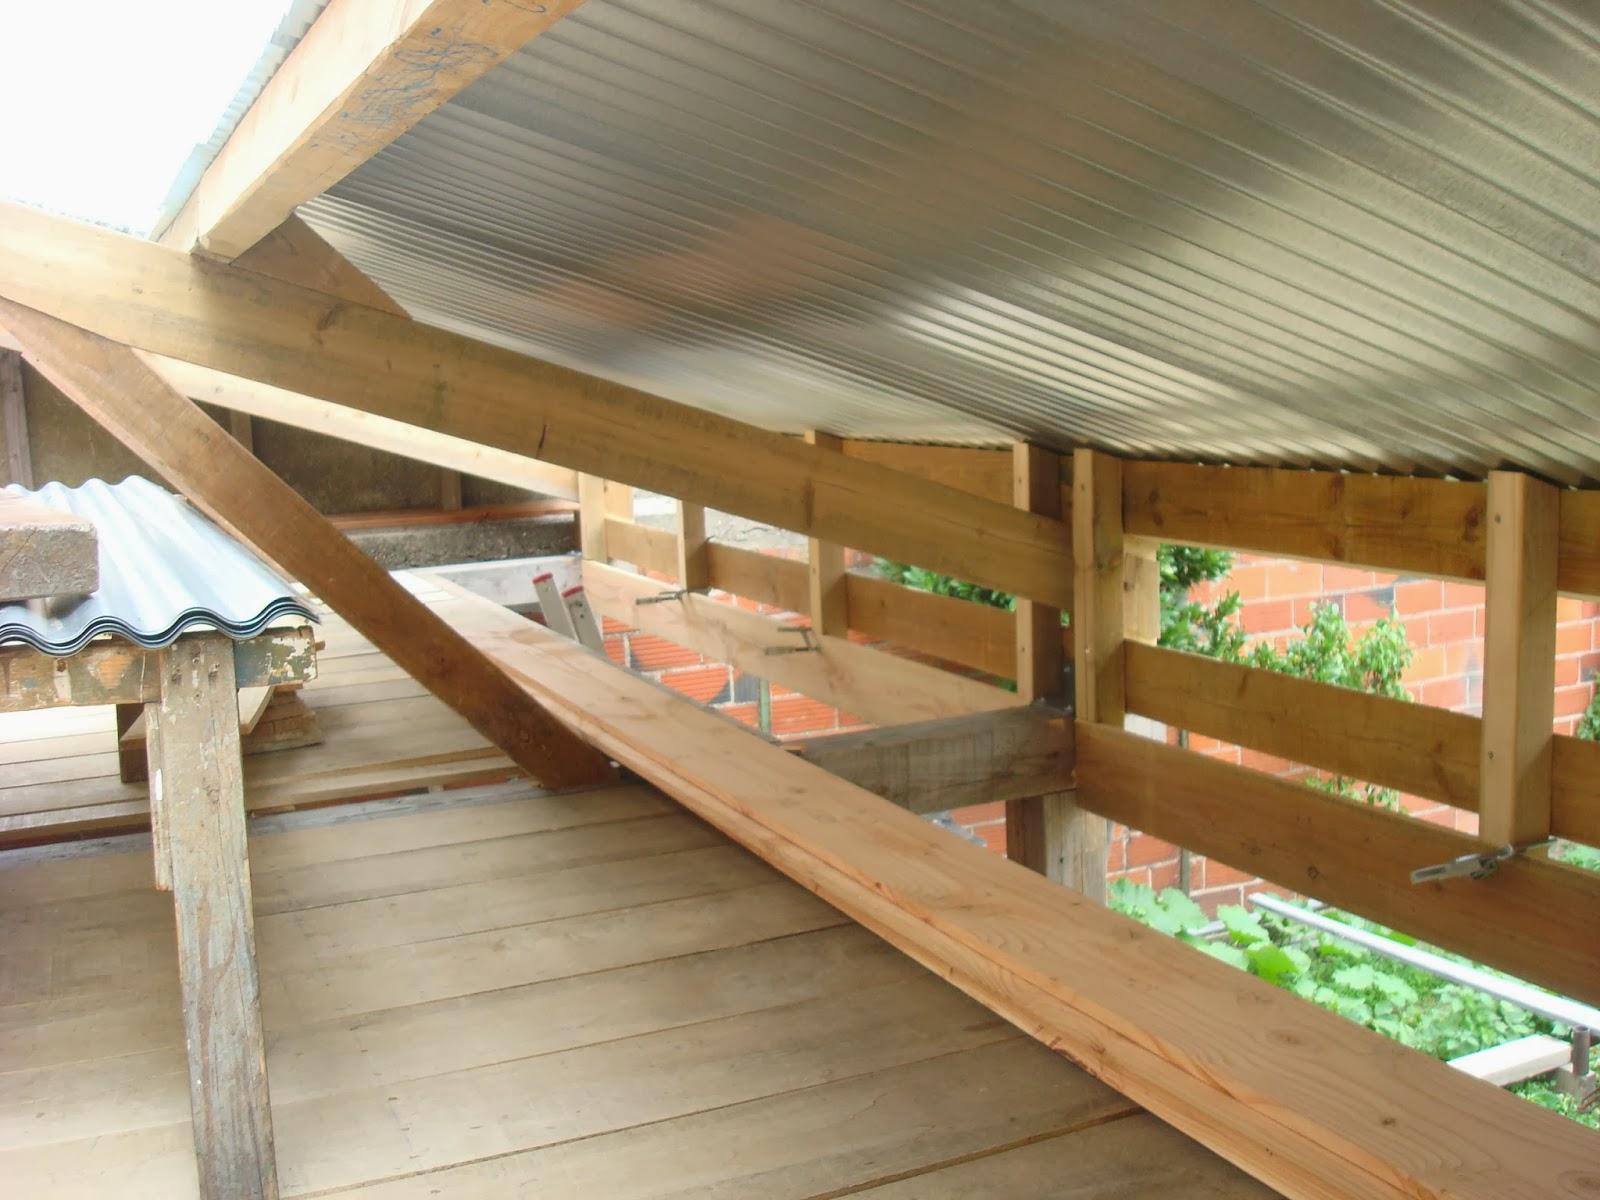 Al 39 r t charpentes et structures r alisation d 39 un atelier - Poutre bois pour exterieur ...